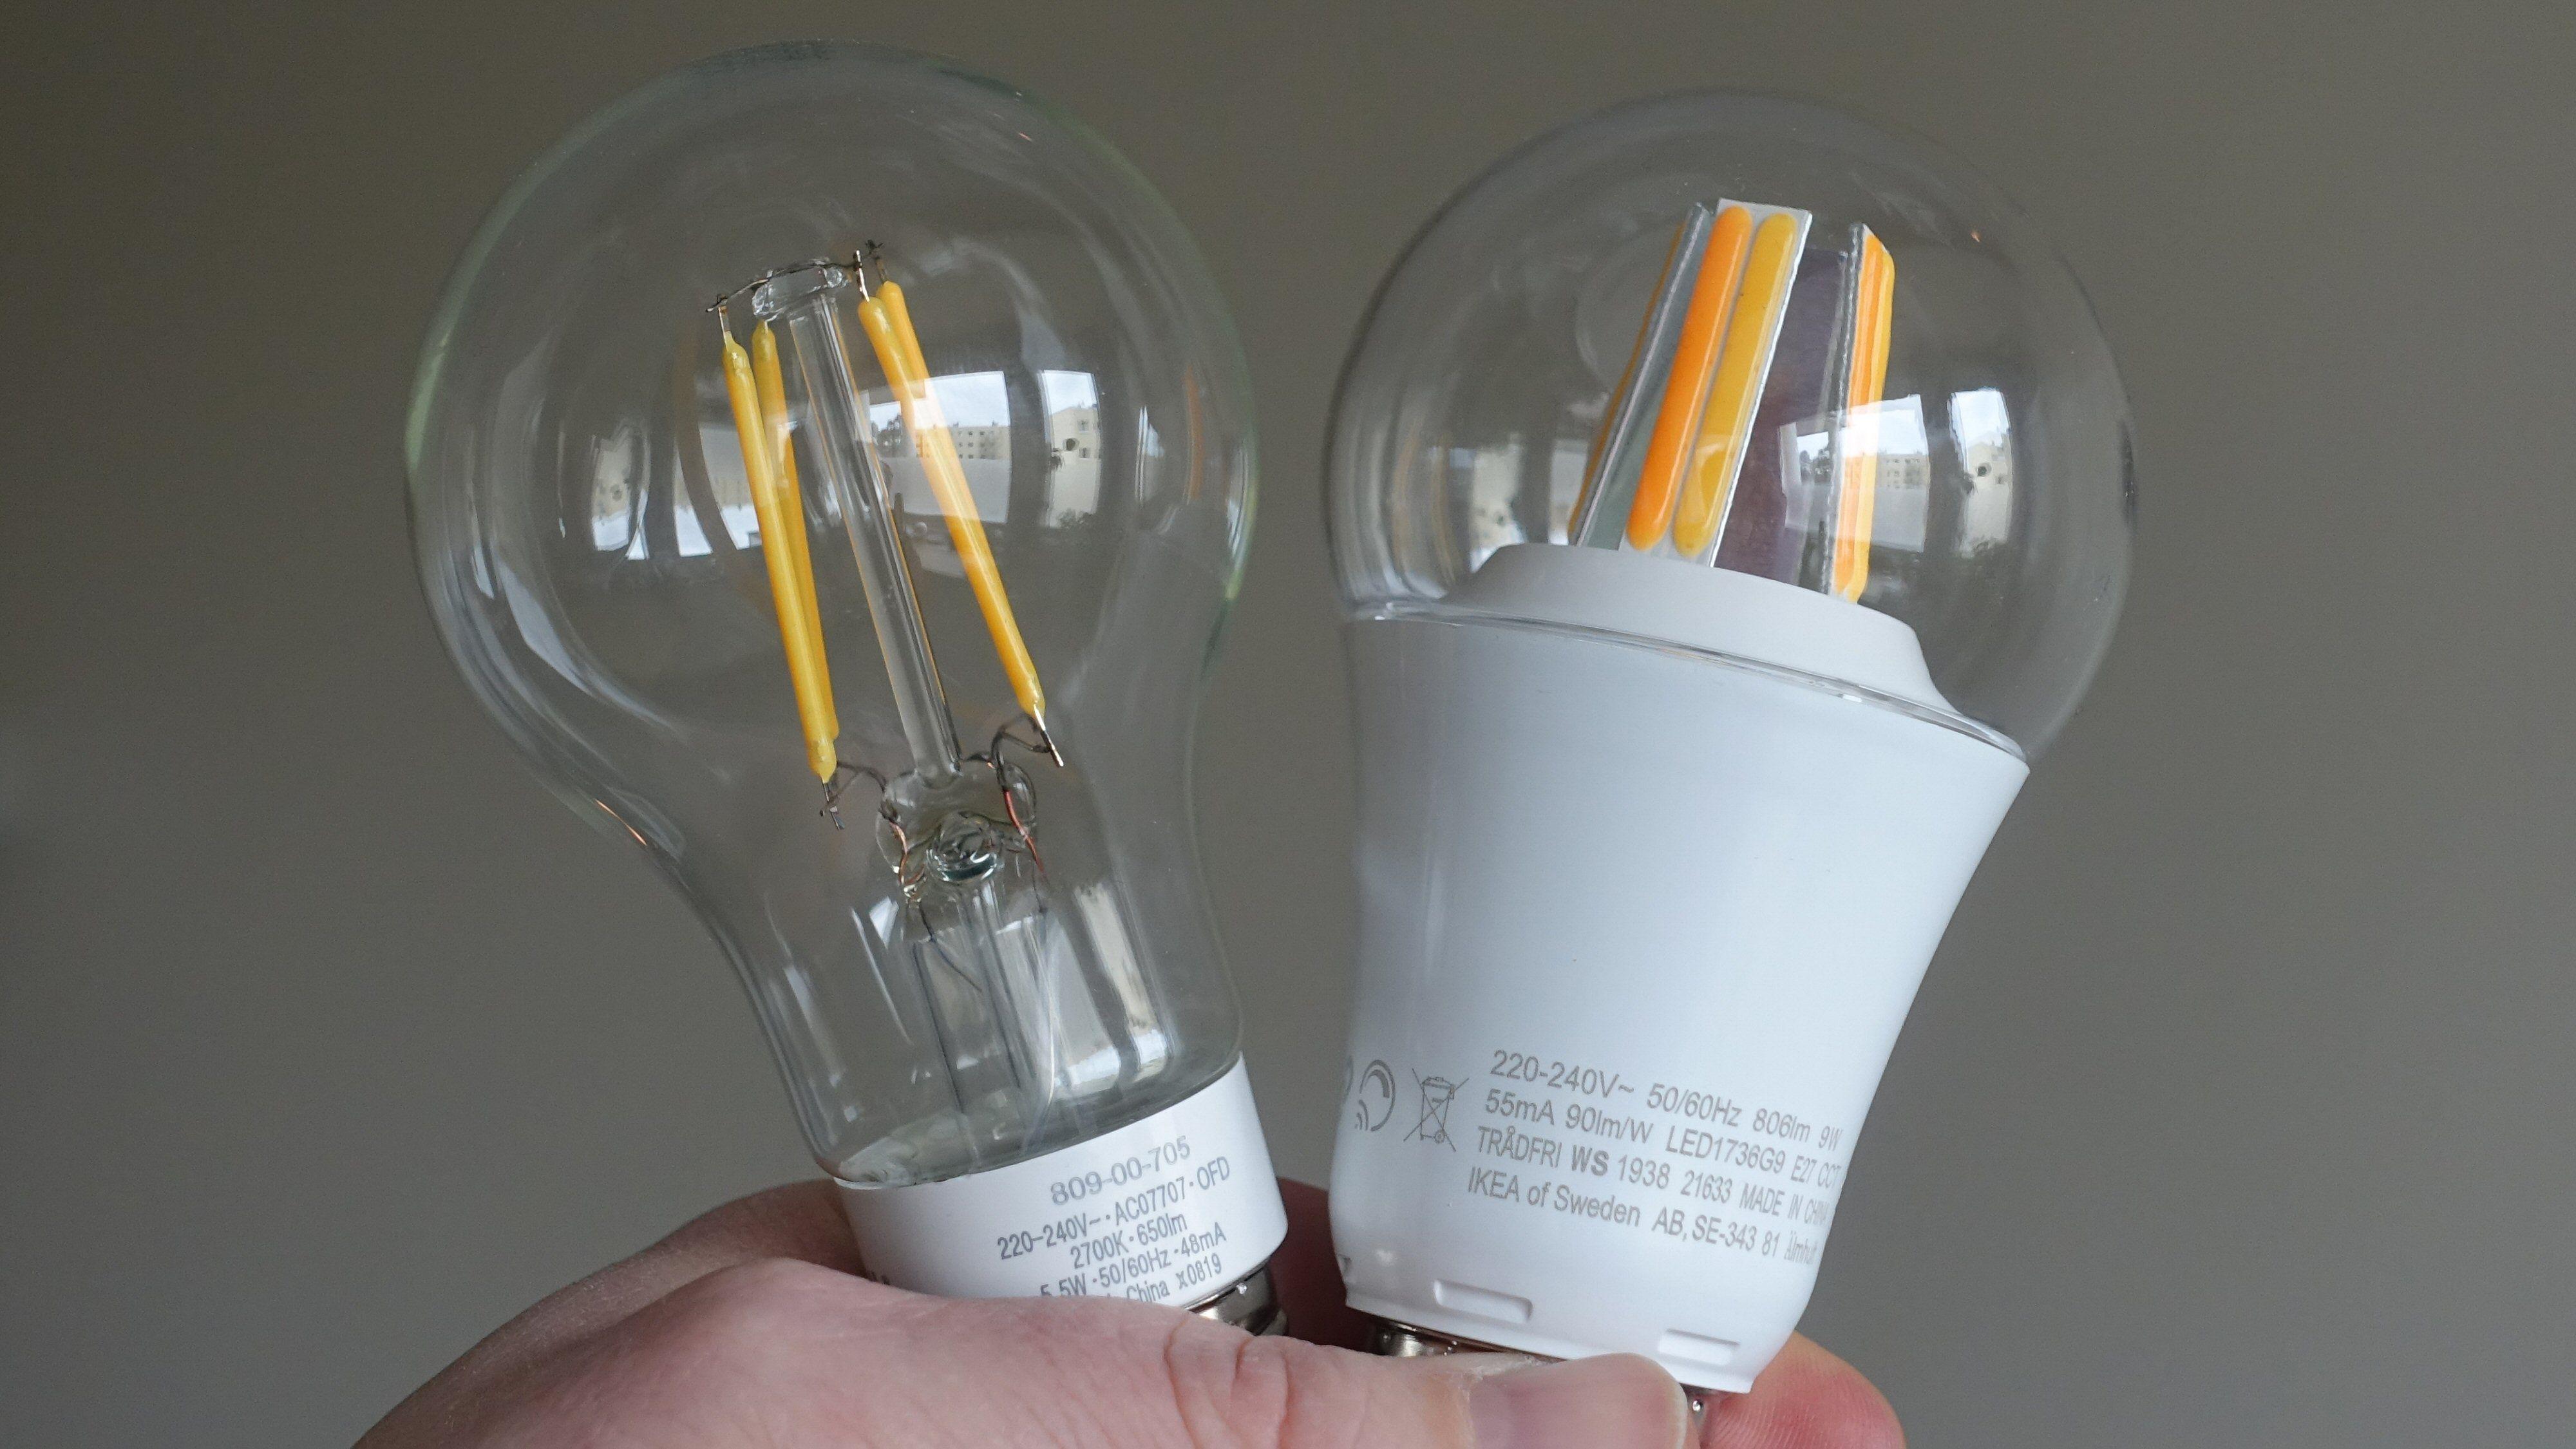 Lyspærer fra Ledvance og Ikea. Førstnevnte er en COG-LED-pære med fire filamenttråder og kuppel av ekte glass. Ikeas COB-LED-variant har flere «tråder» og lyser sterkere. For god nok kjøling har pæra da fått en slik stor base som vi oftere ser på SMD-pærer. I tillegg kan vi se at Ikea har brukt to forskjellige fosformikser, som igjen betyr at pæra kan gi oss forskjellige fargetemperaturer.